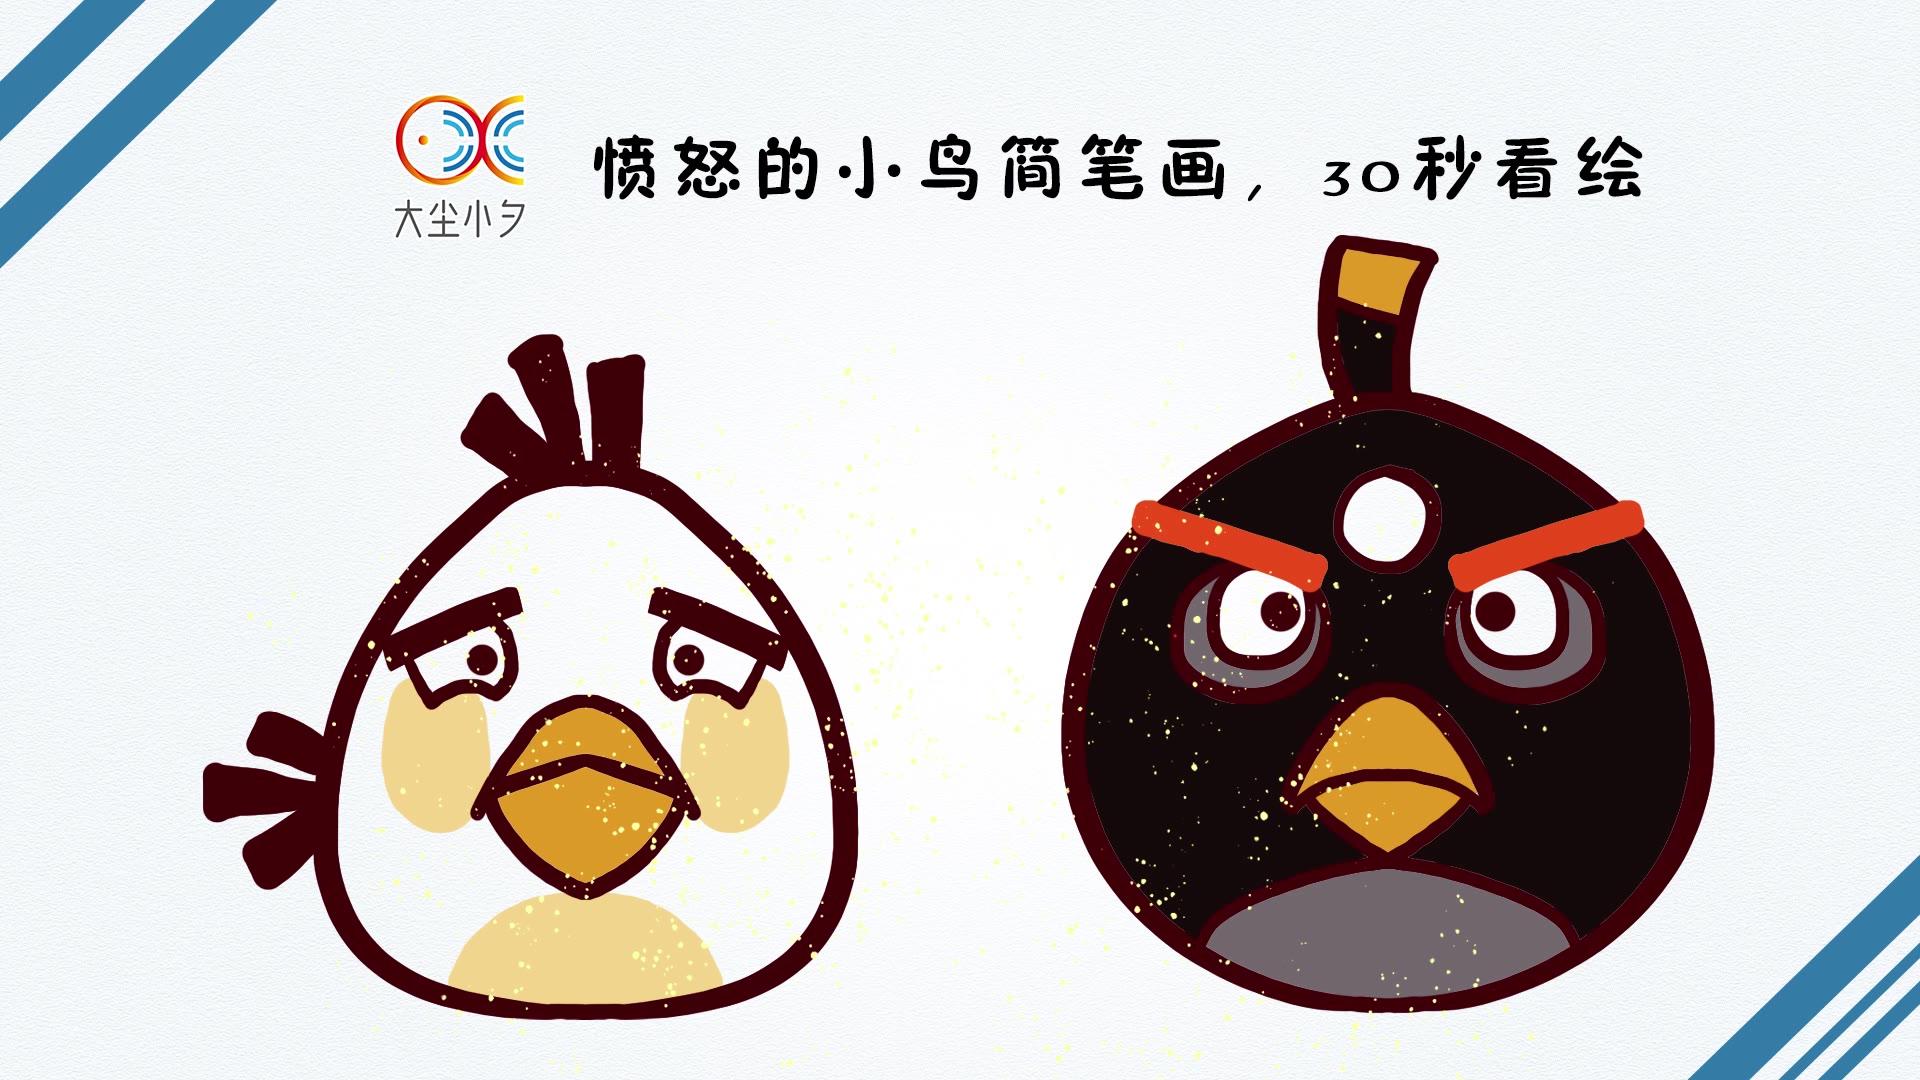 愤怒的小鸟简笔画,30秒看绘2